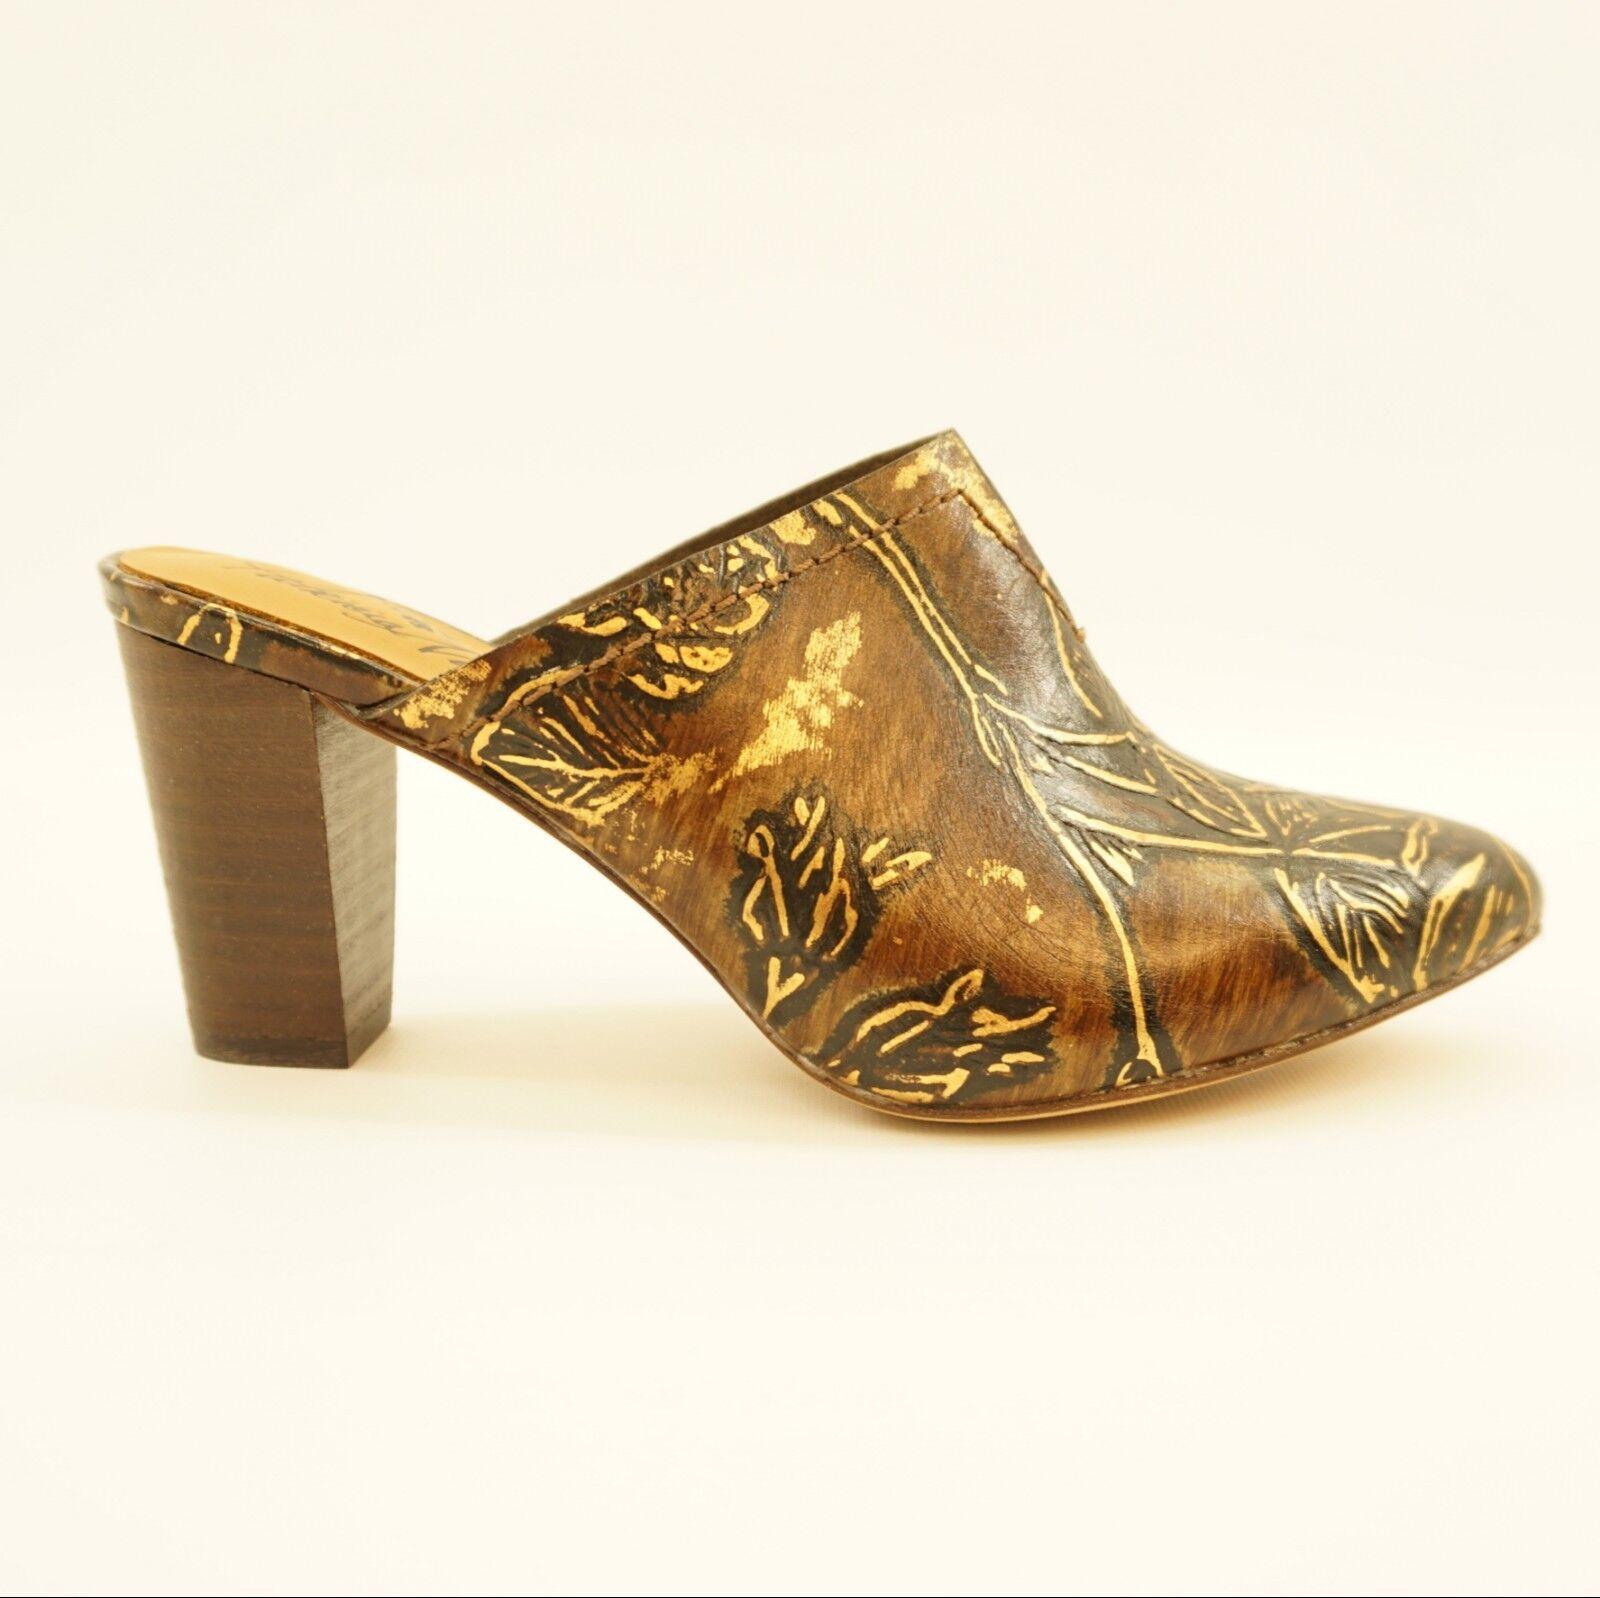 economico e alla moda Patricia Nash donna donna donna scarpe Ruffina Printed Leather Mules Marrone oro 6.5 DISPLAY  il miglior servizio post-vendita